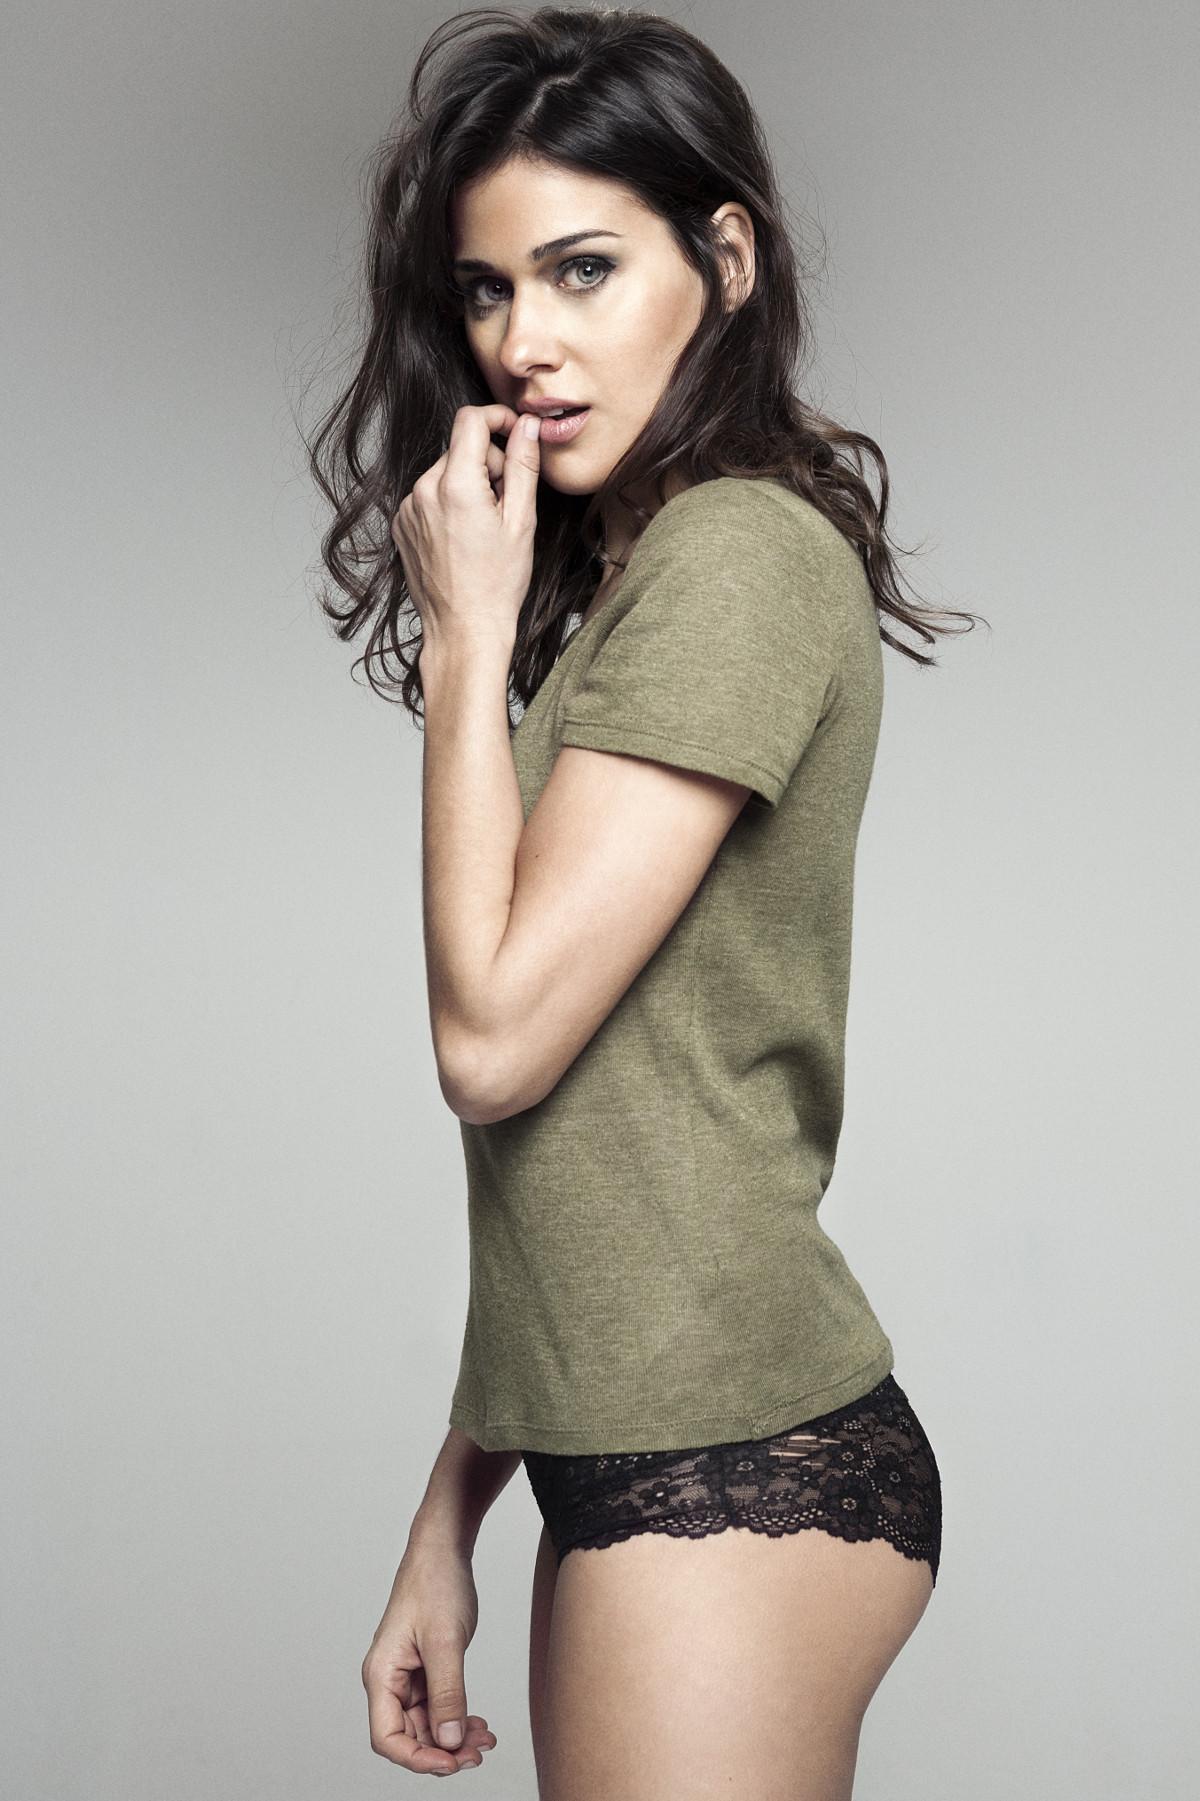 Iris Lezcano Actriz Modelo (7)